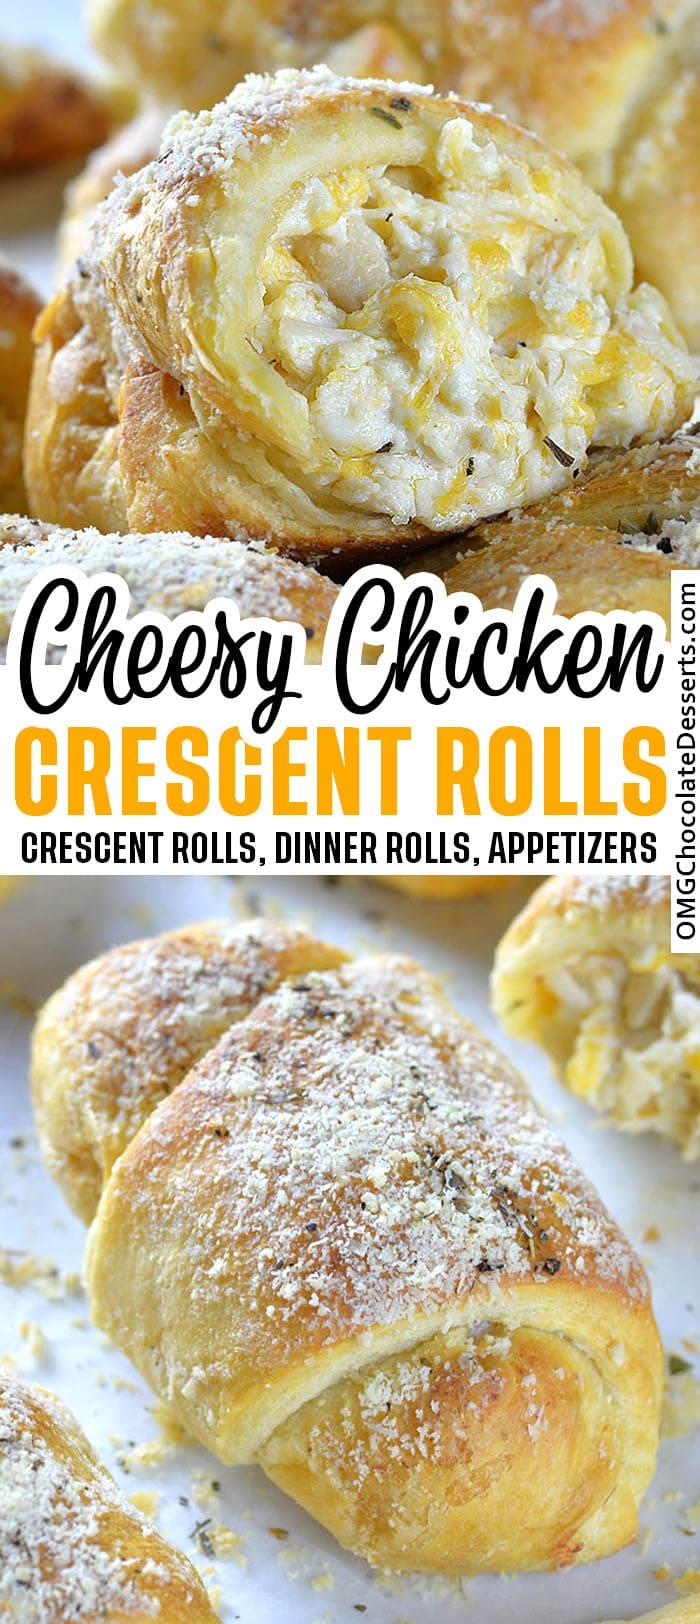 Cheesy Chicken Crescent Rolls